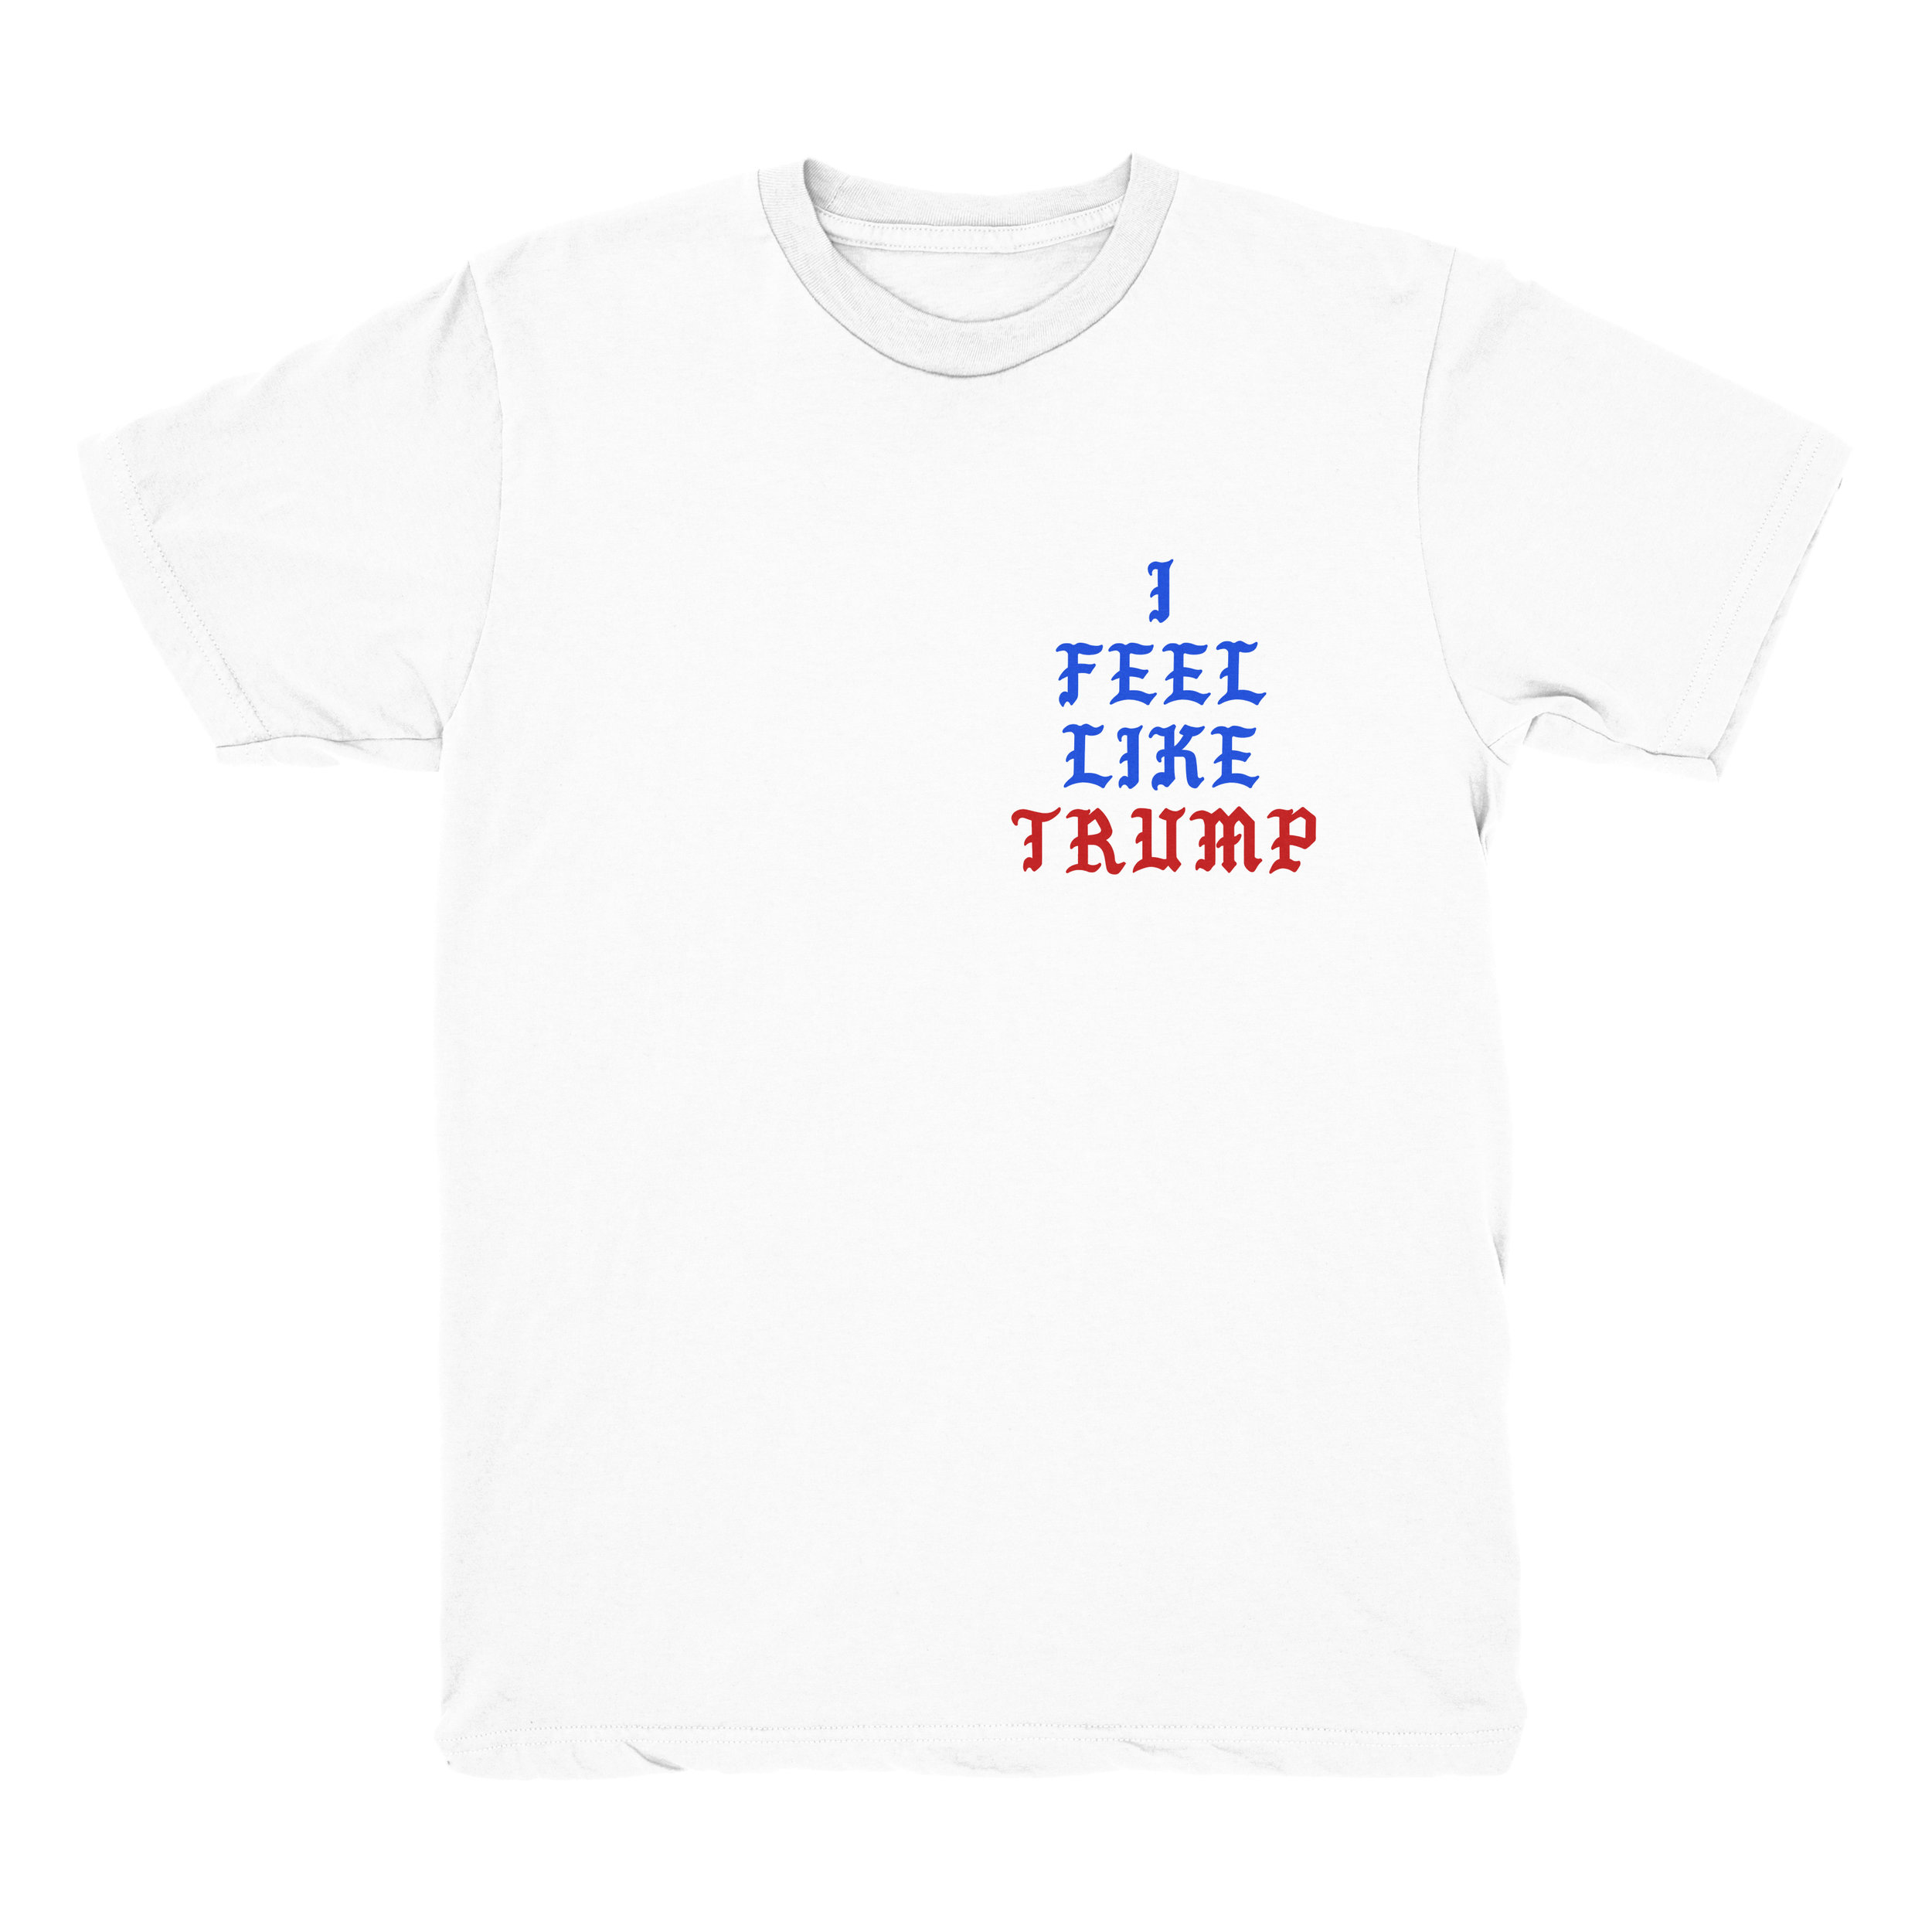 TRUMP FEELS [FRONT]